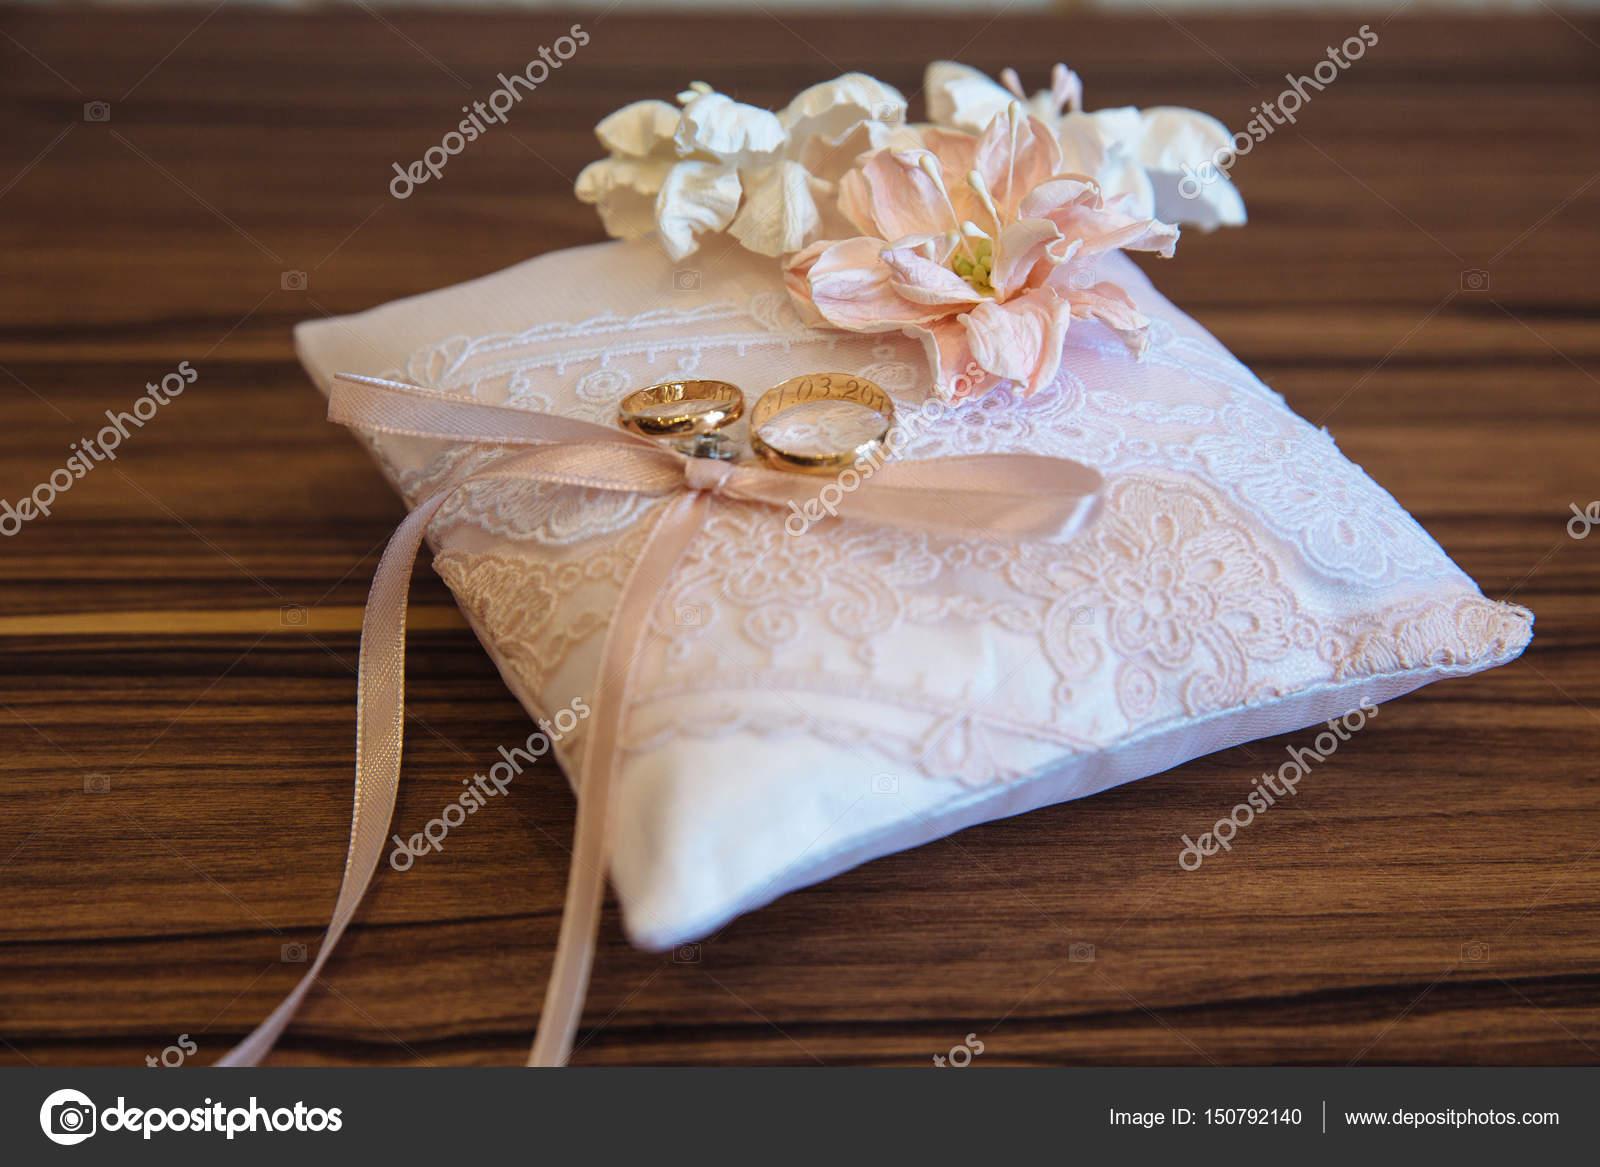 Bagues de mariage or blanc décorer oreiller à fond en bois \u2014 Photo